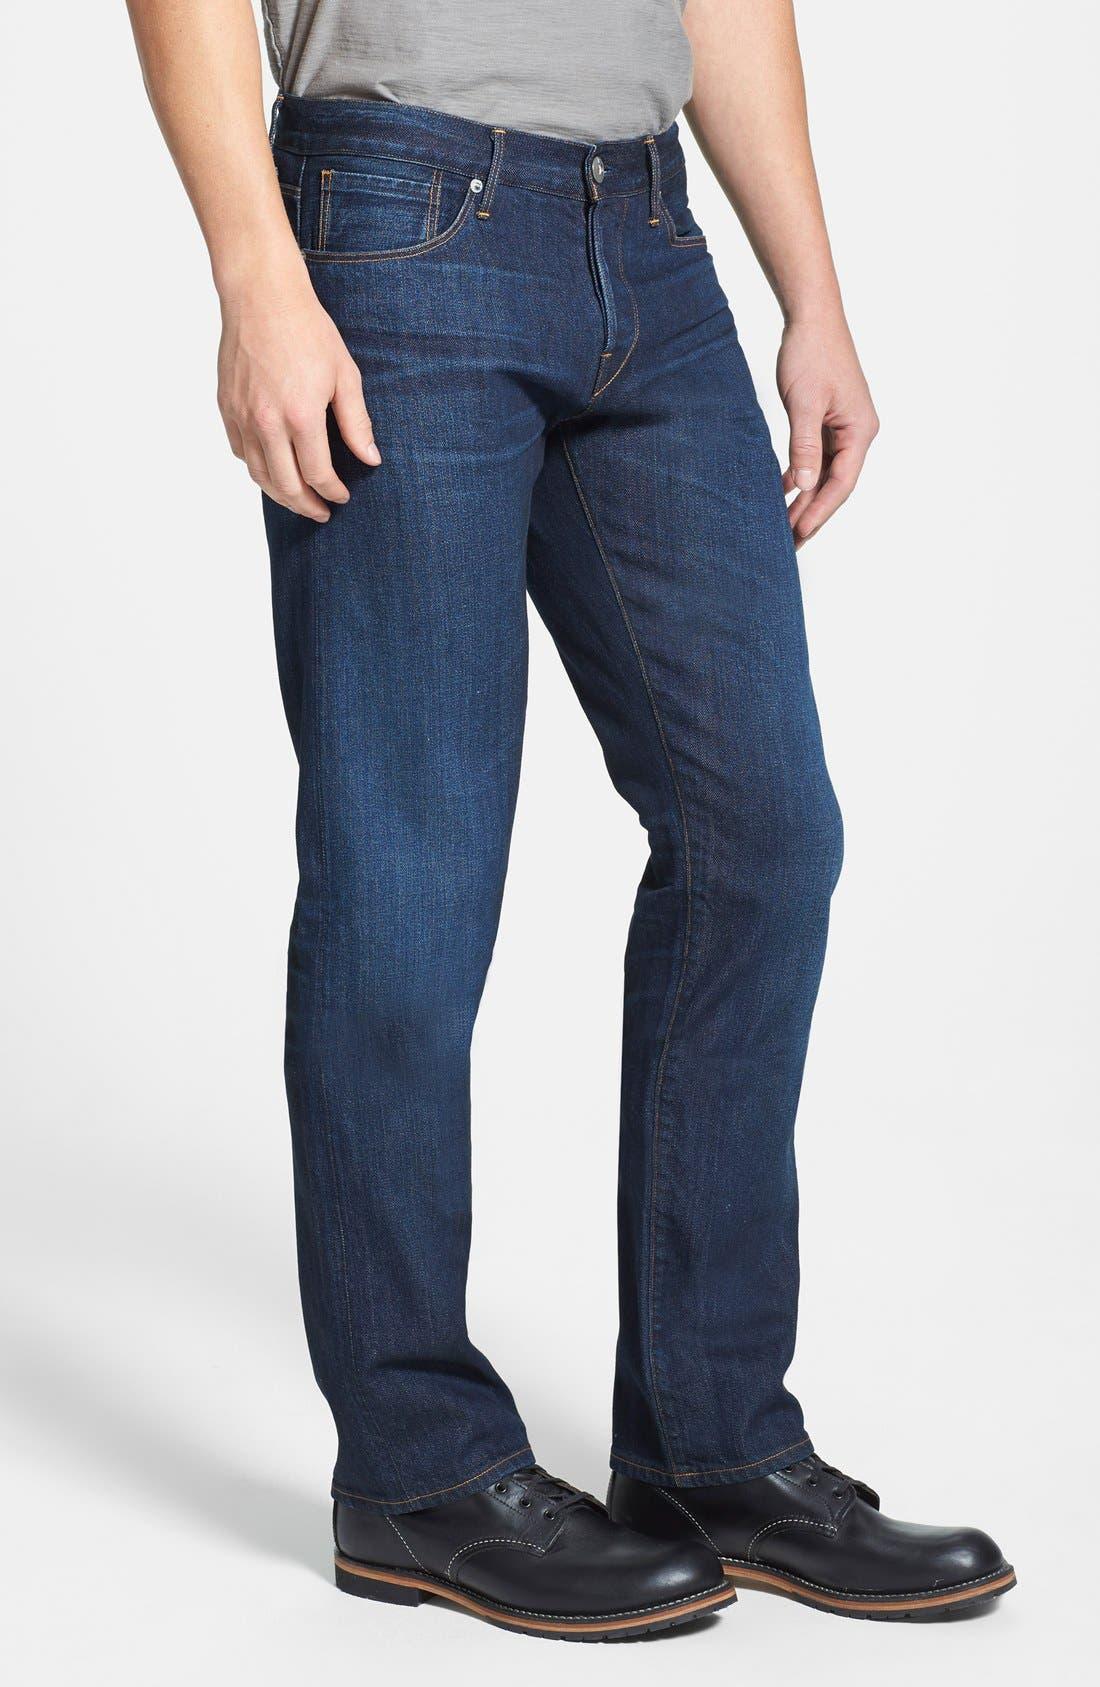 'M4' Straight Leg Selvedge Jeans,                             Alternate thumbnail 4, color,                             413